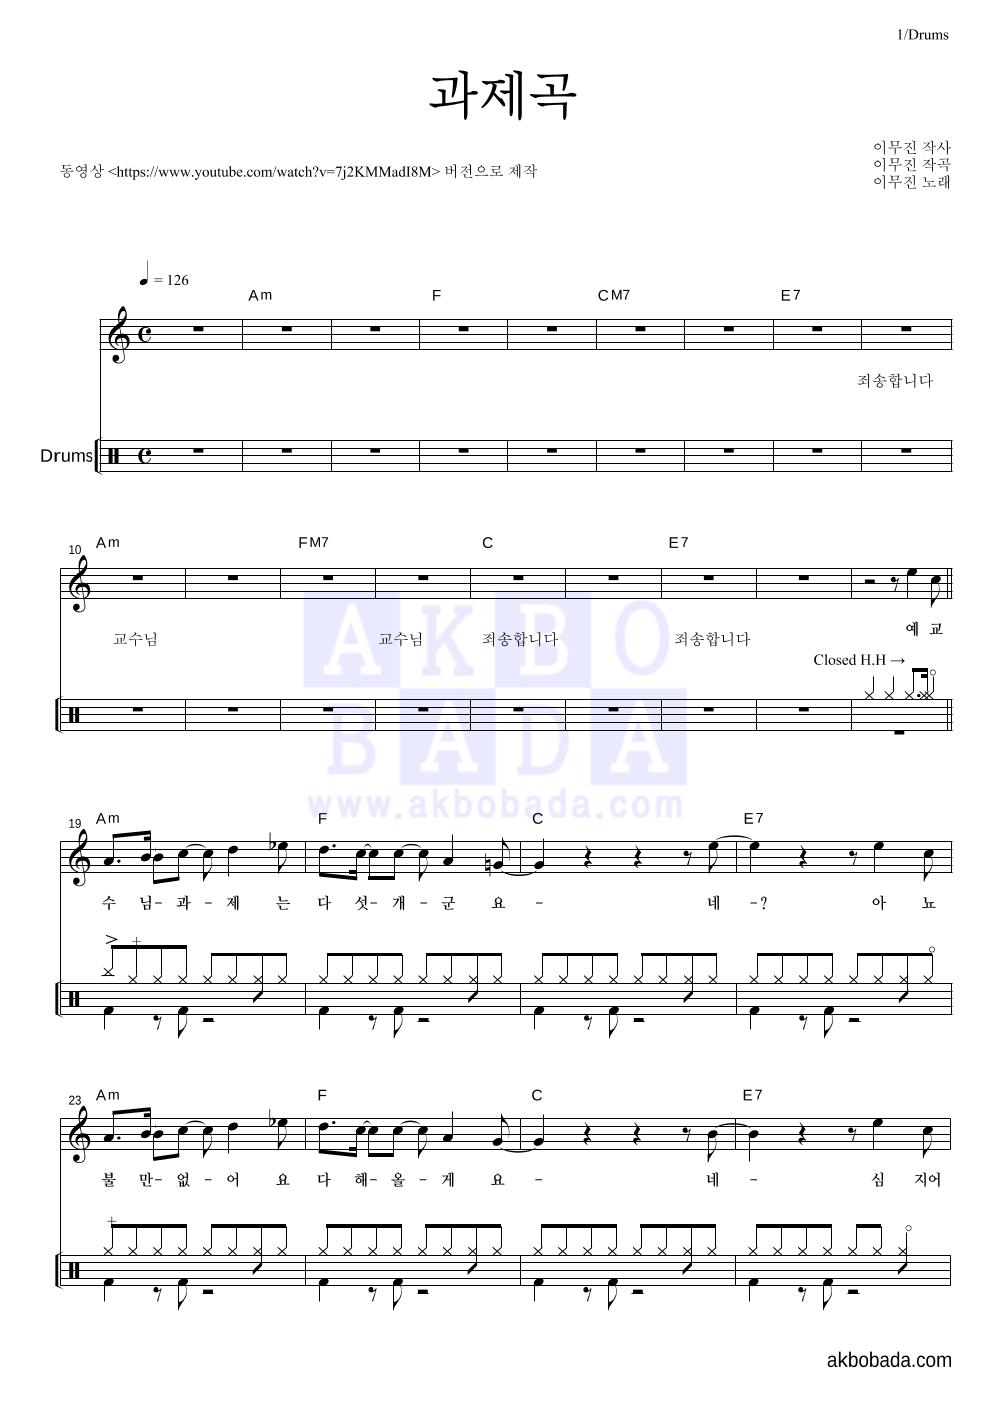 이무진 - 과제곡 드럼 악보